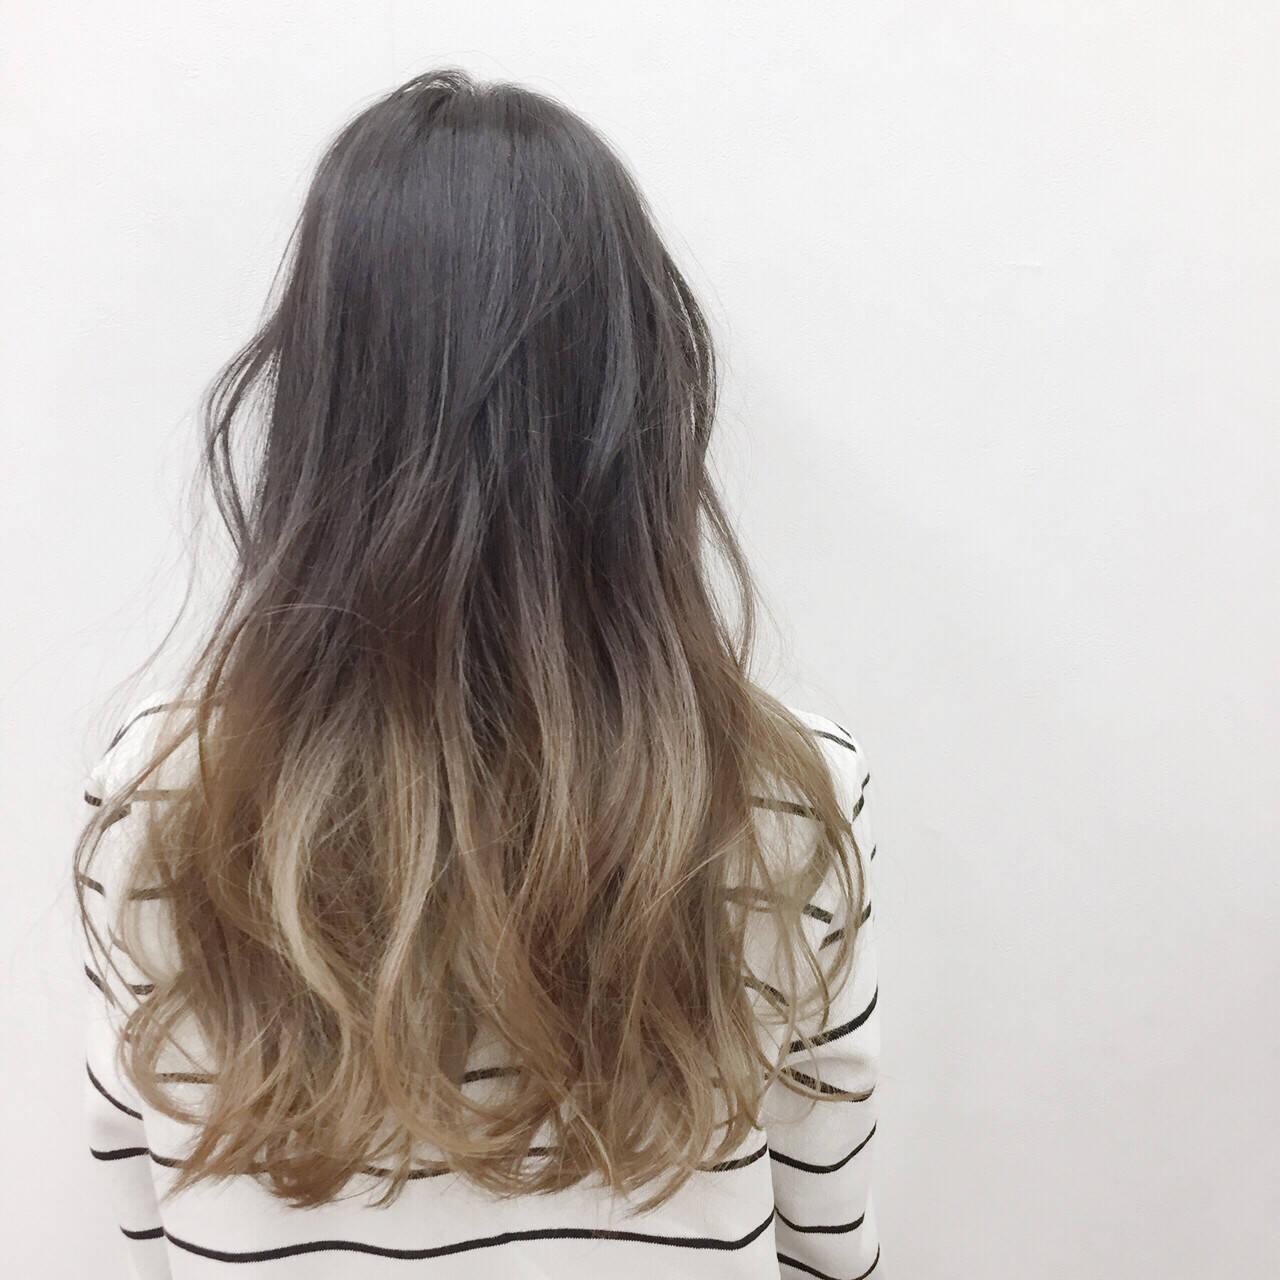 ツートン ベージュ ハイトーン ロングヘアスタイルや髪型の写真・画像